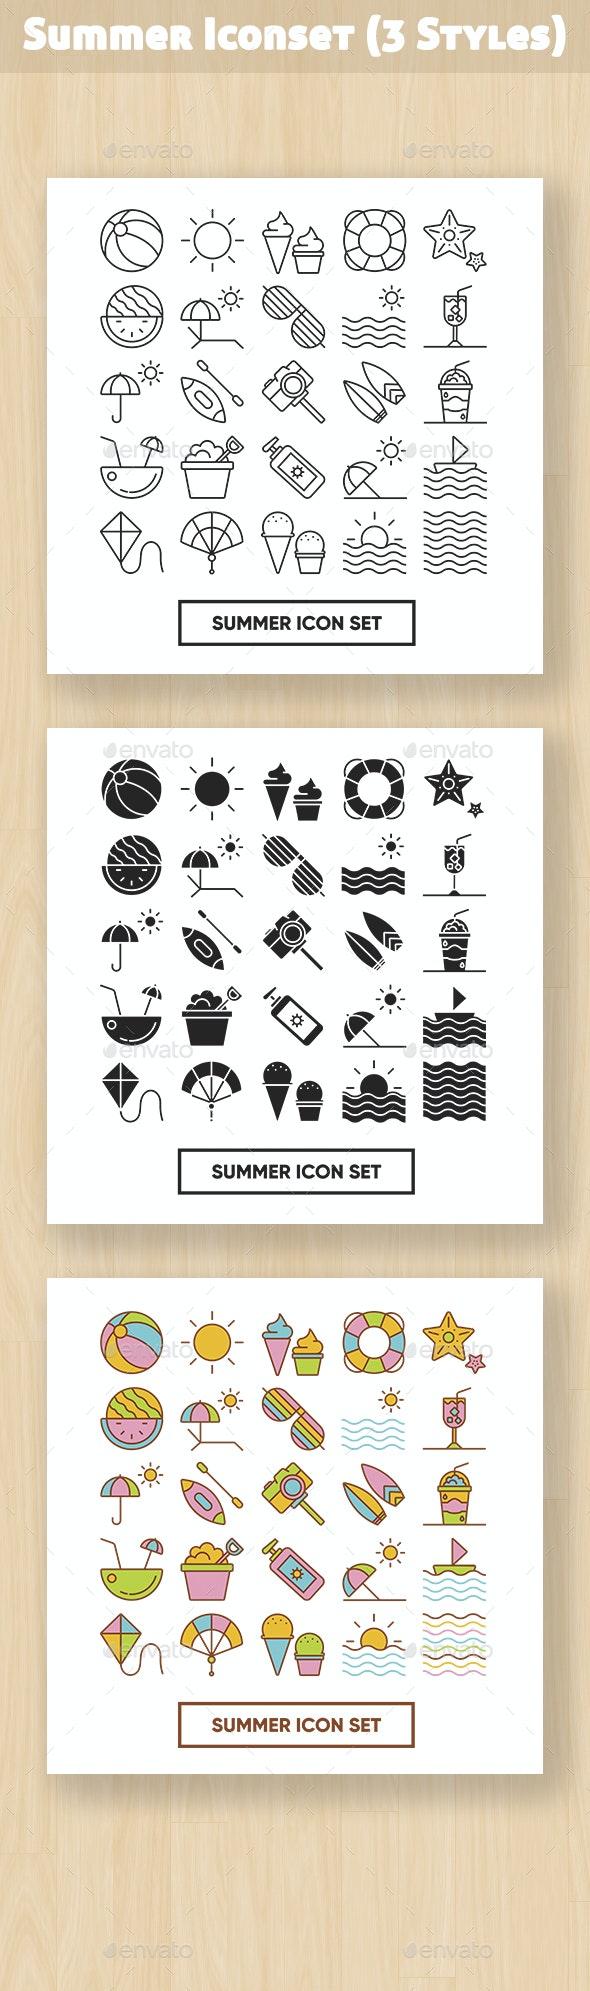 Summer Iconset - Seasonal Icons